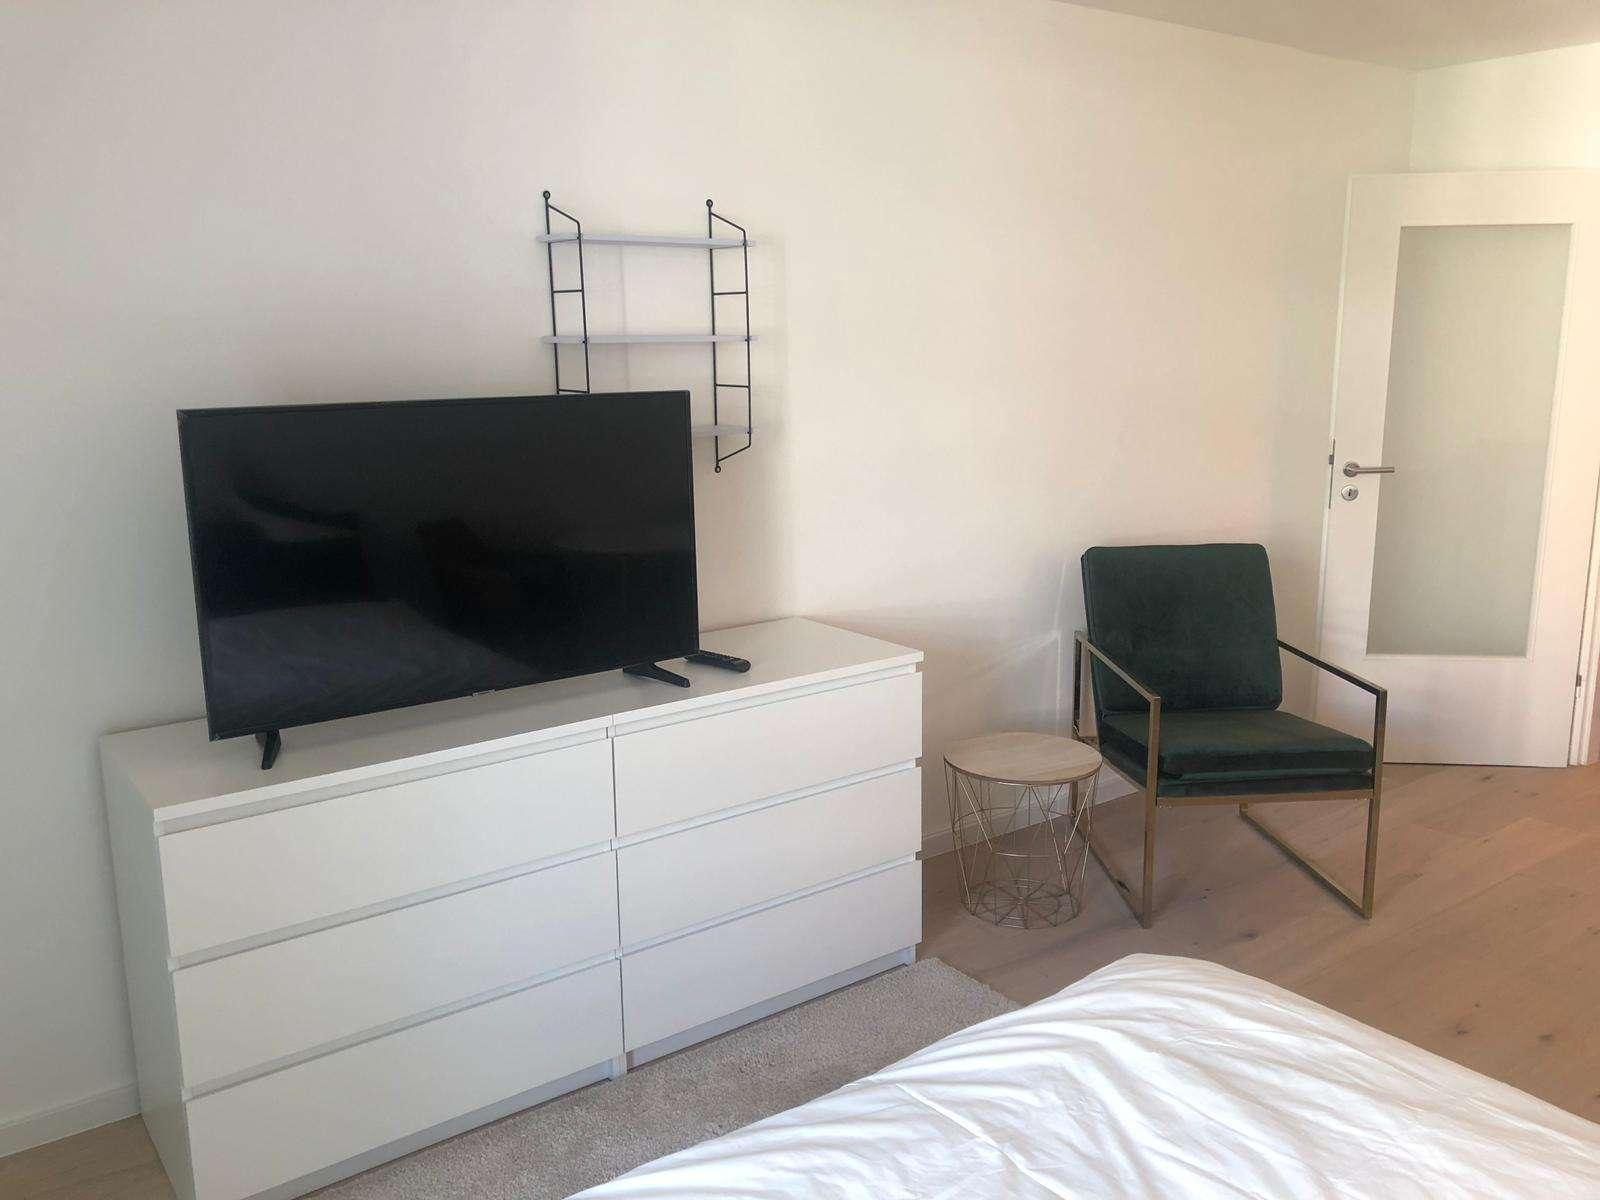 Einziehen und wohlfühlen! Möbliertes 1-Zimmer-Apartment mit großzügigem Balkon in Zentral